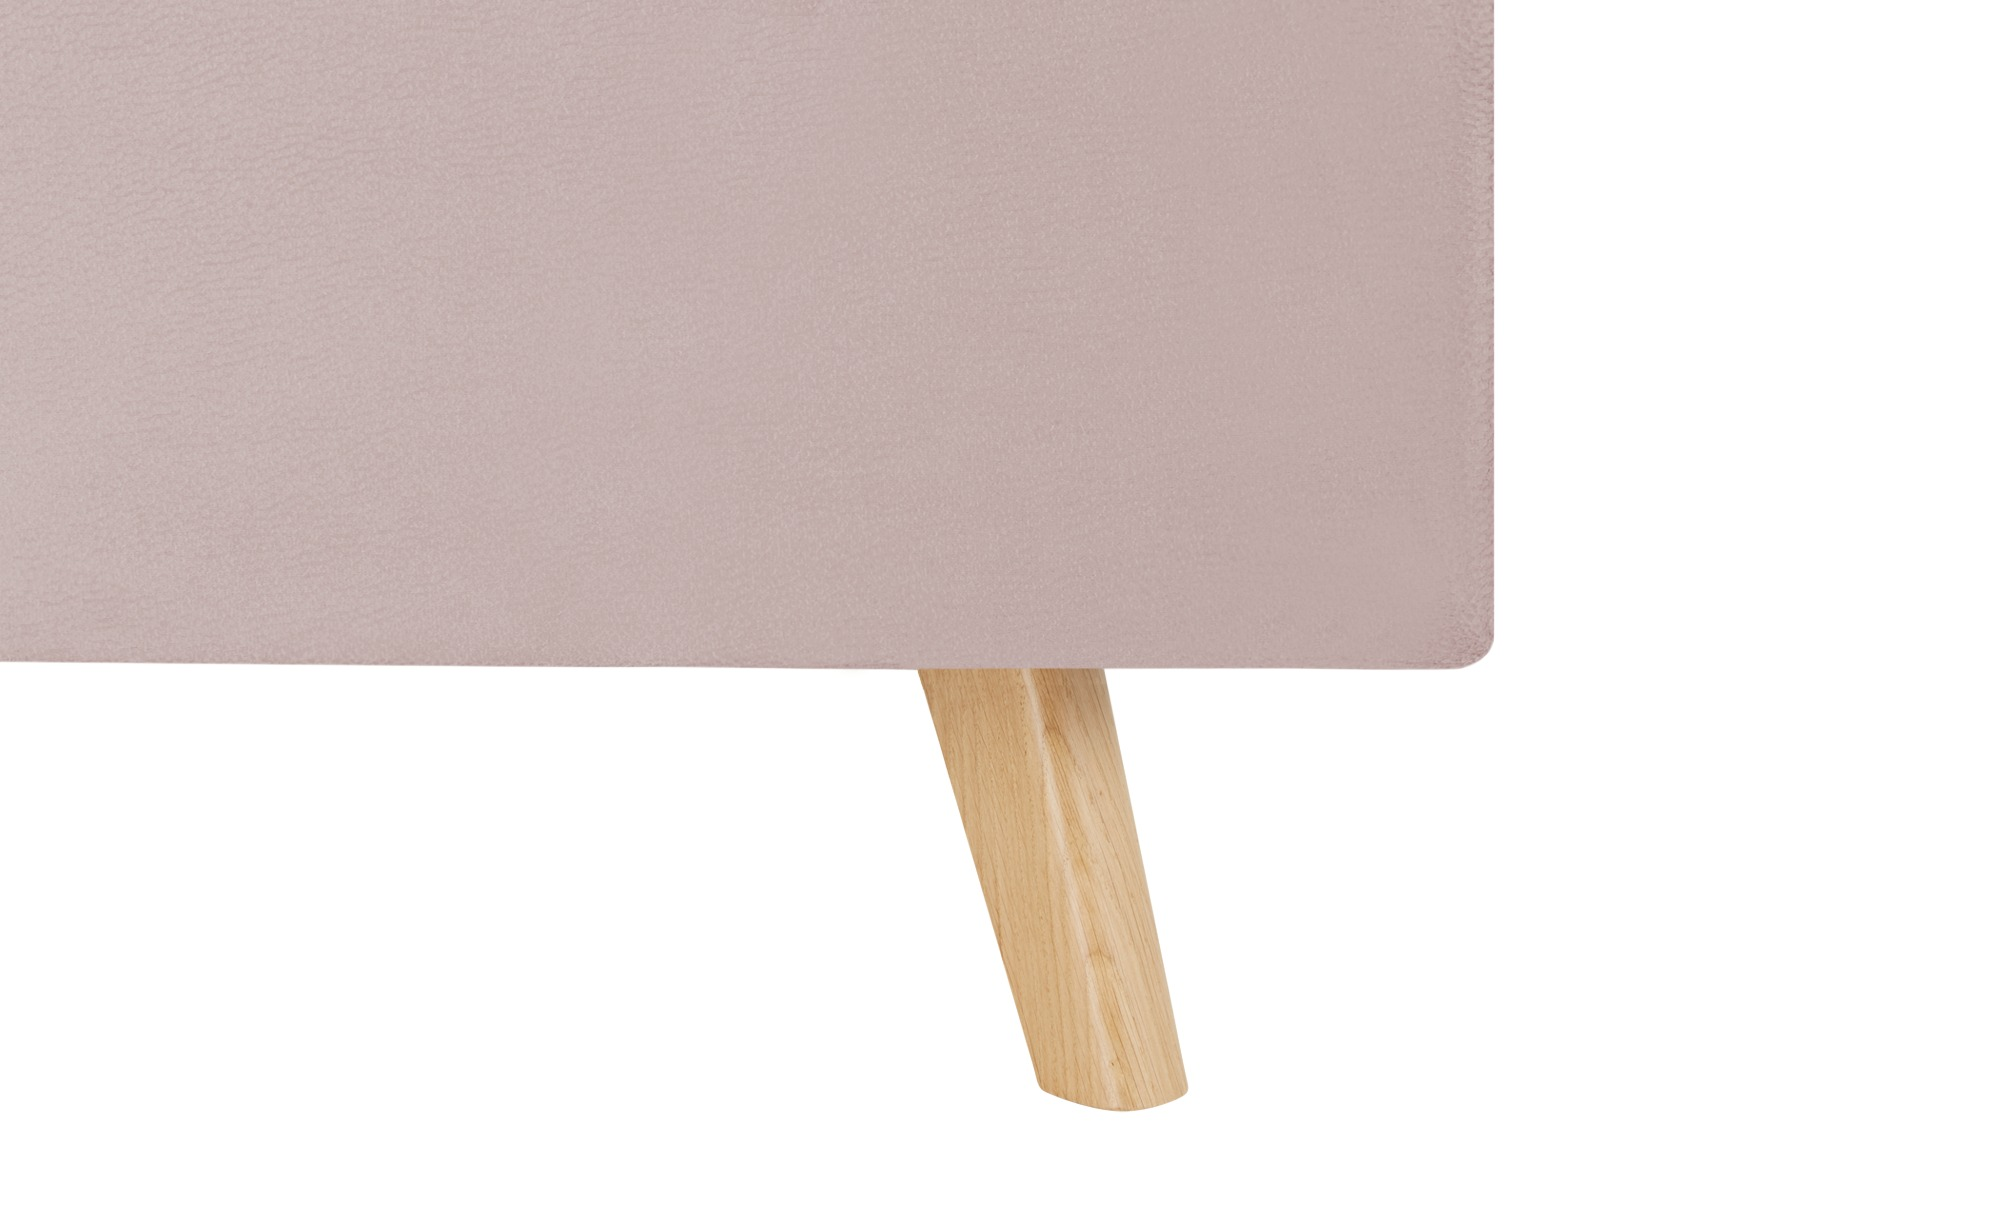 SKAGEN BEDS Boxspringbett  Weave ¦ rosa/pink ¦ Maße (cm): B: 180 H: 122 Betten > Boxspringbetten > Boxspringbetten 180x200 - Höffner